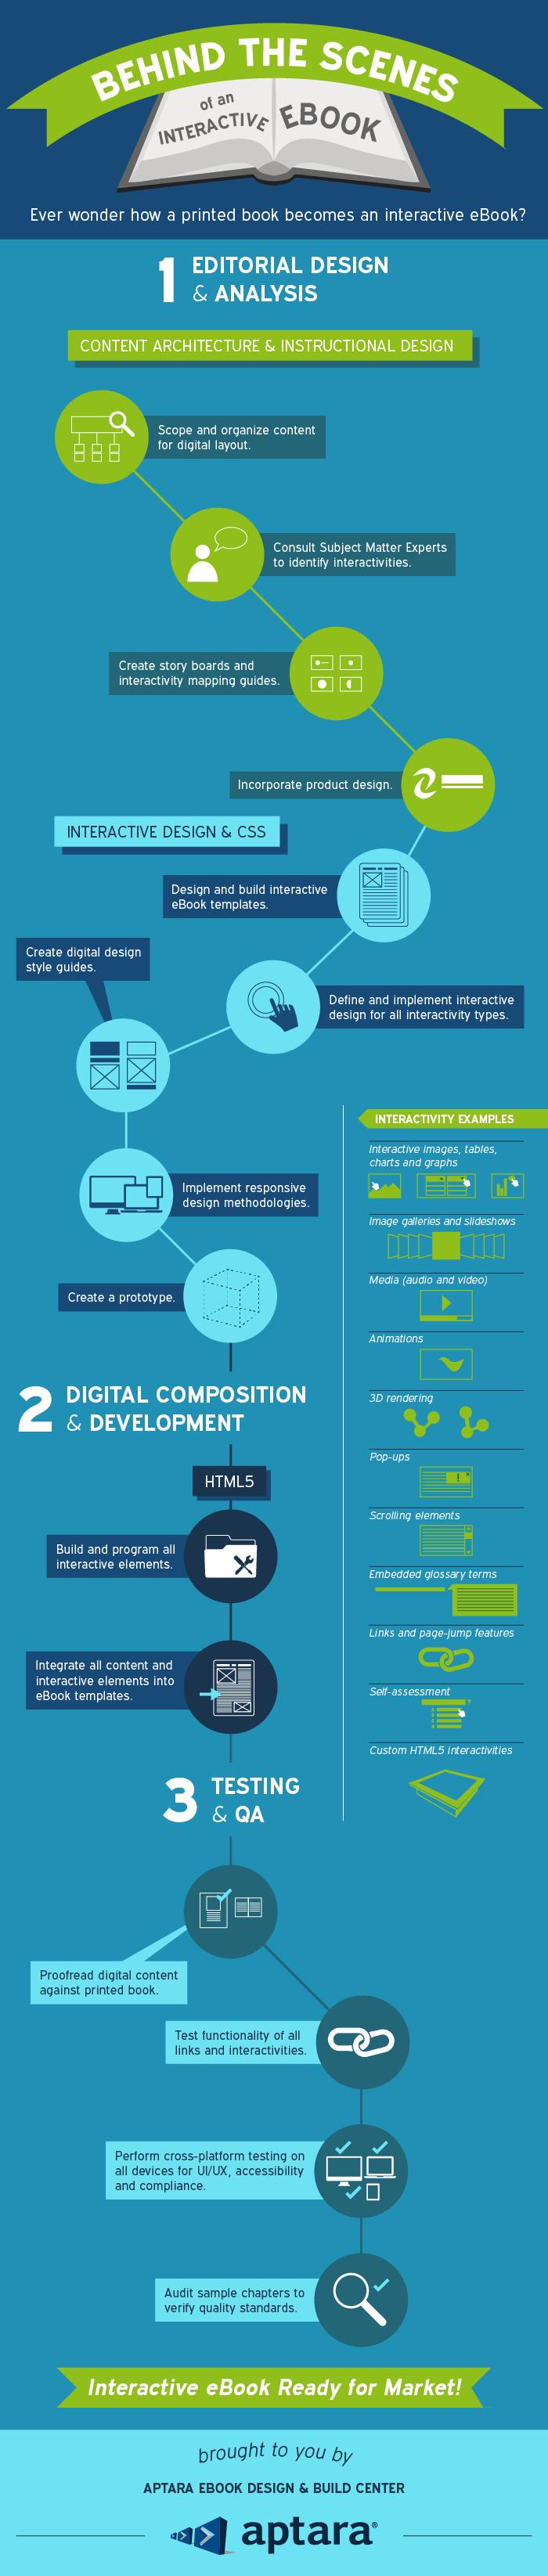 Infográfico: como produzir um livro interativo?